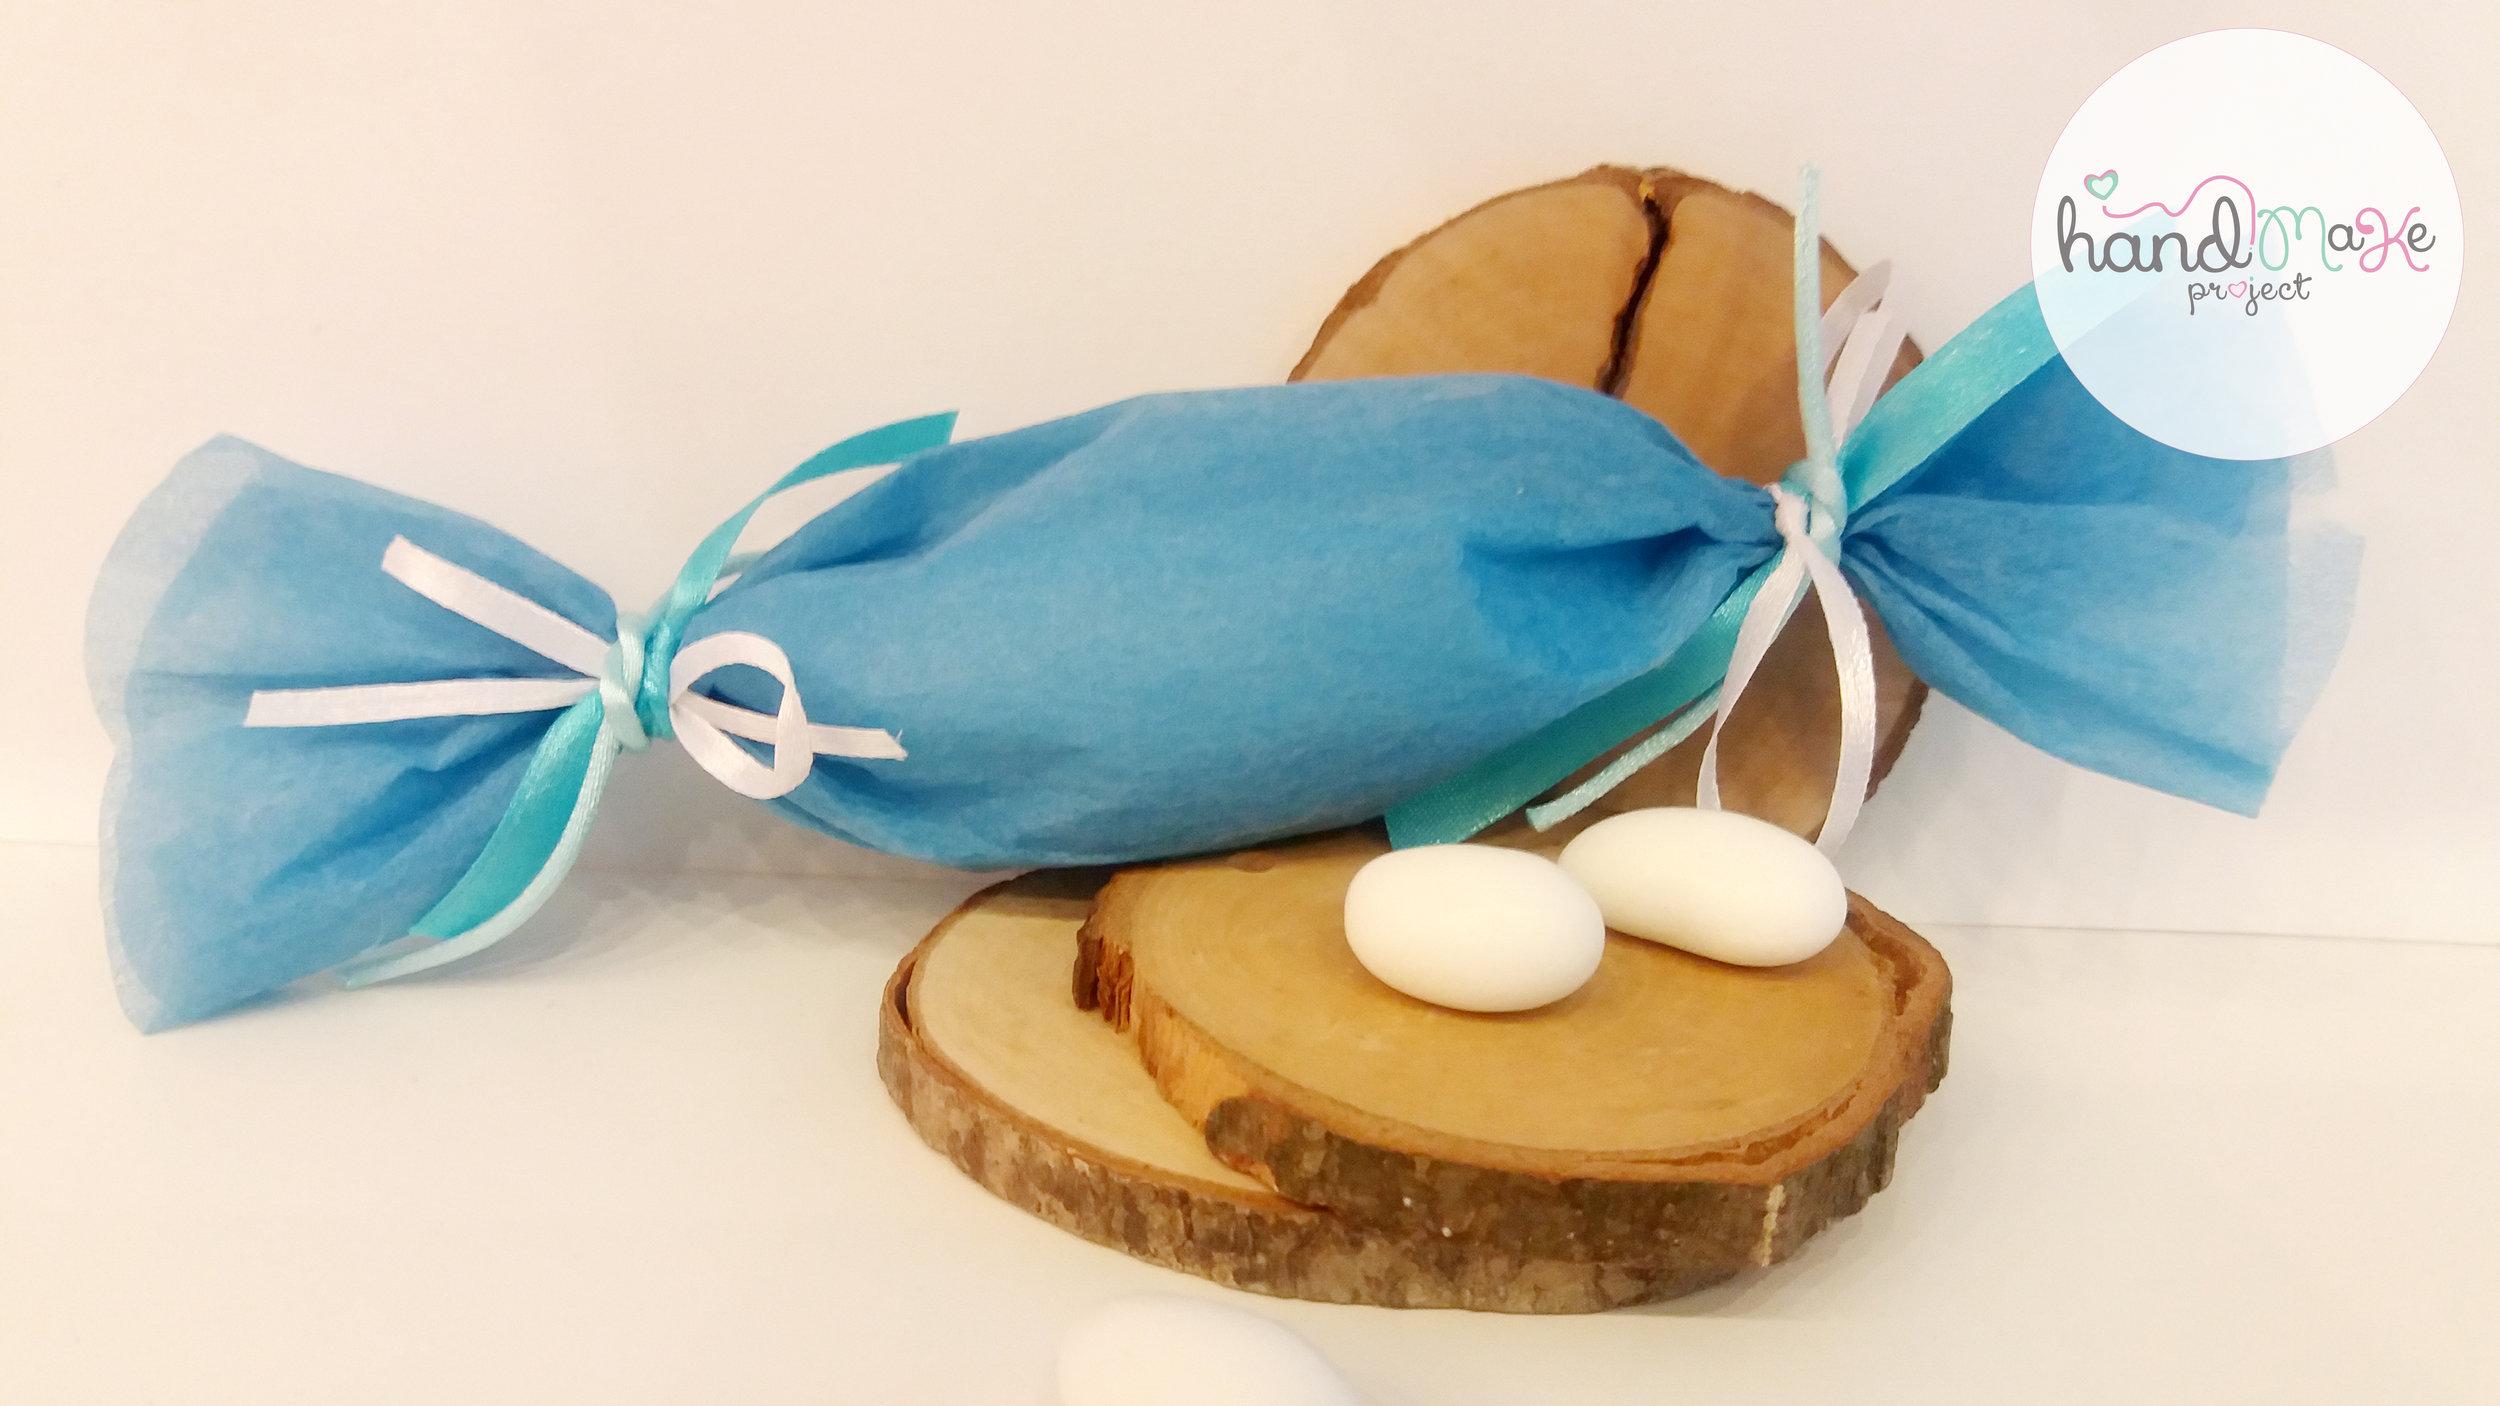 κωδικός ΟΒΒ_ 04 Collection ''Sweet Sugar''   Μπομπονιέρα σε σχήμα καραμέλας με γαλάζιο non woven, κορδέλες σατέν σε γαλάζιο-λευκό και μεταξωτή ποντικοουρά σε γαλάζια απόχρωση.